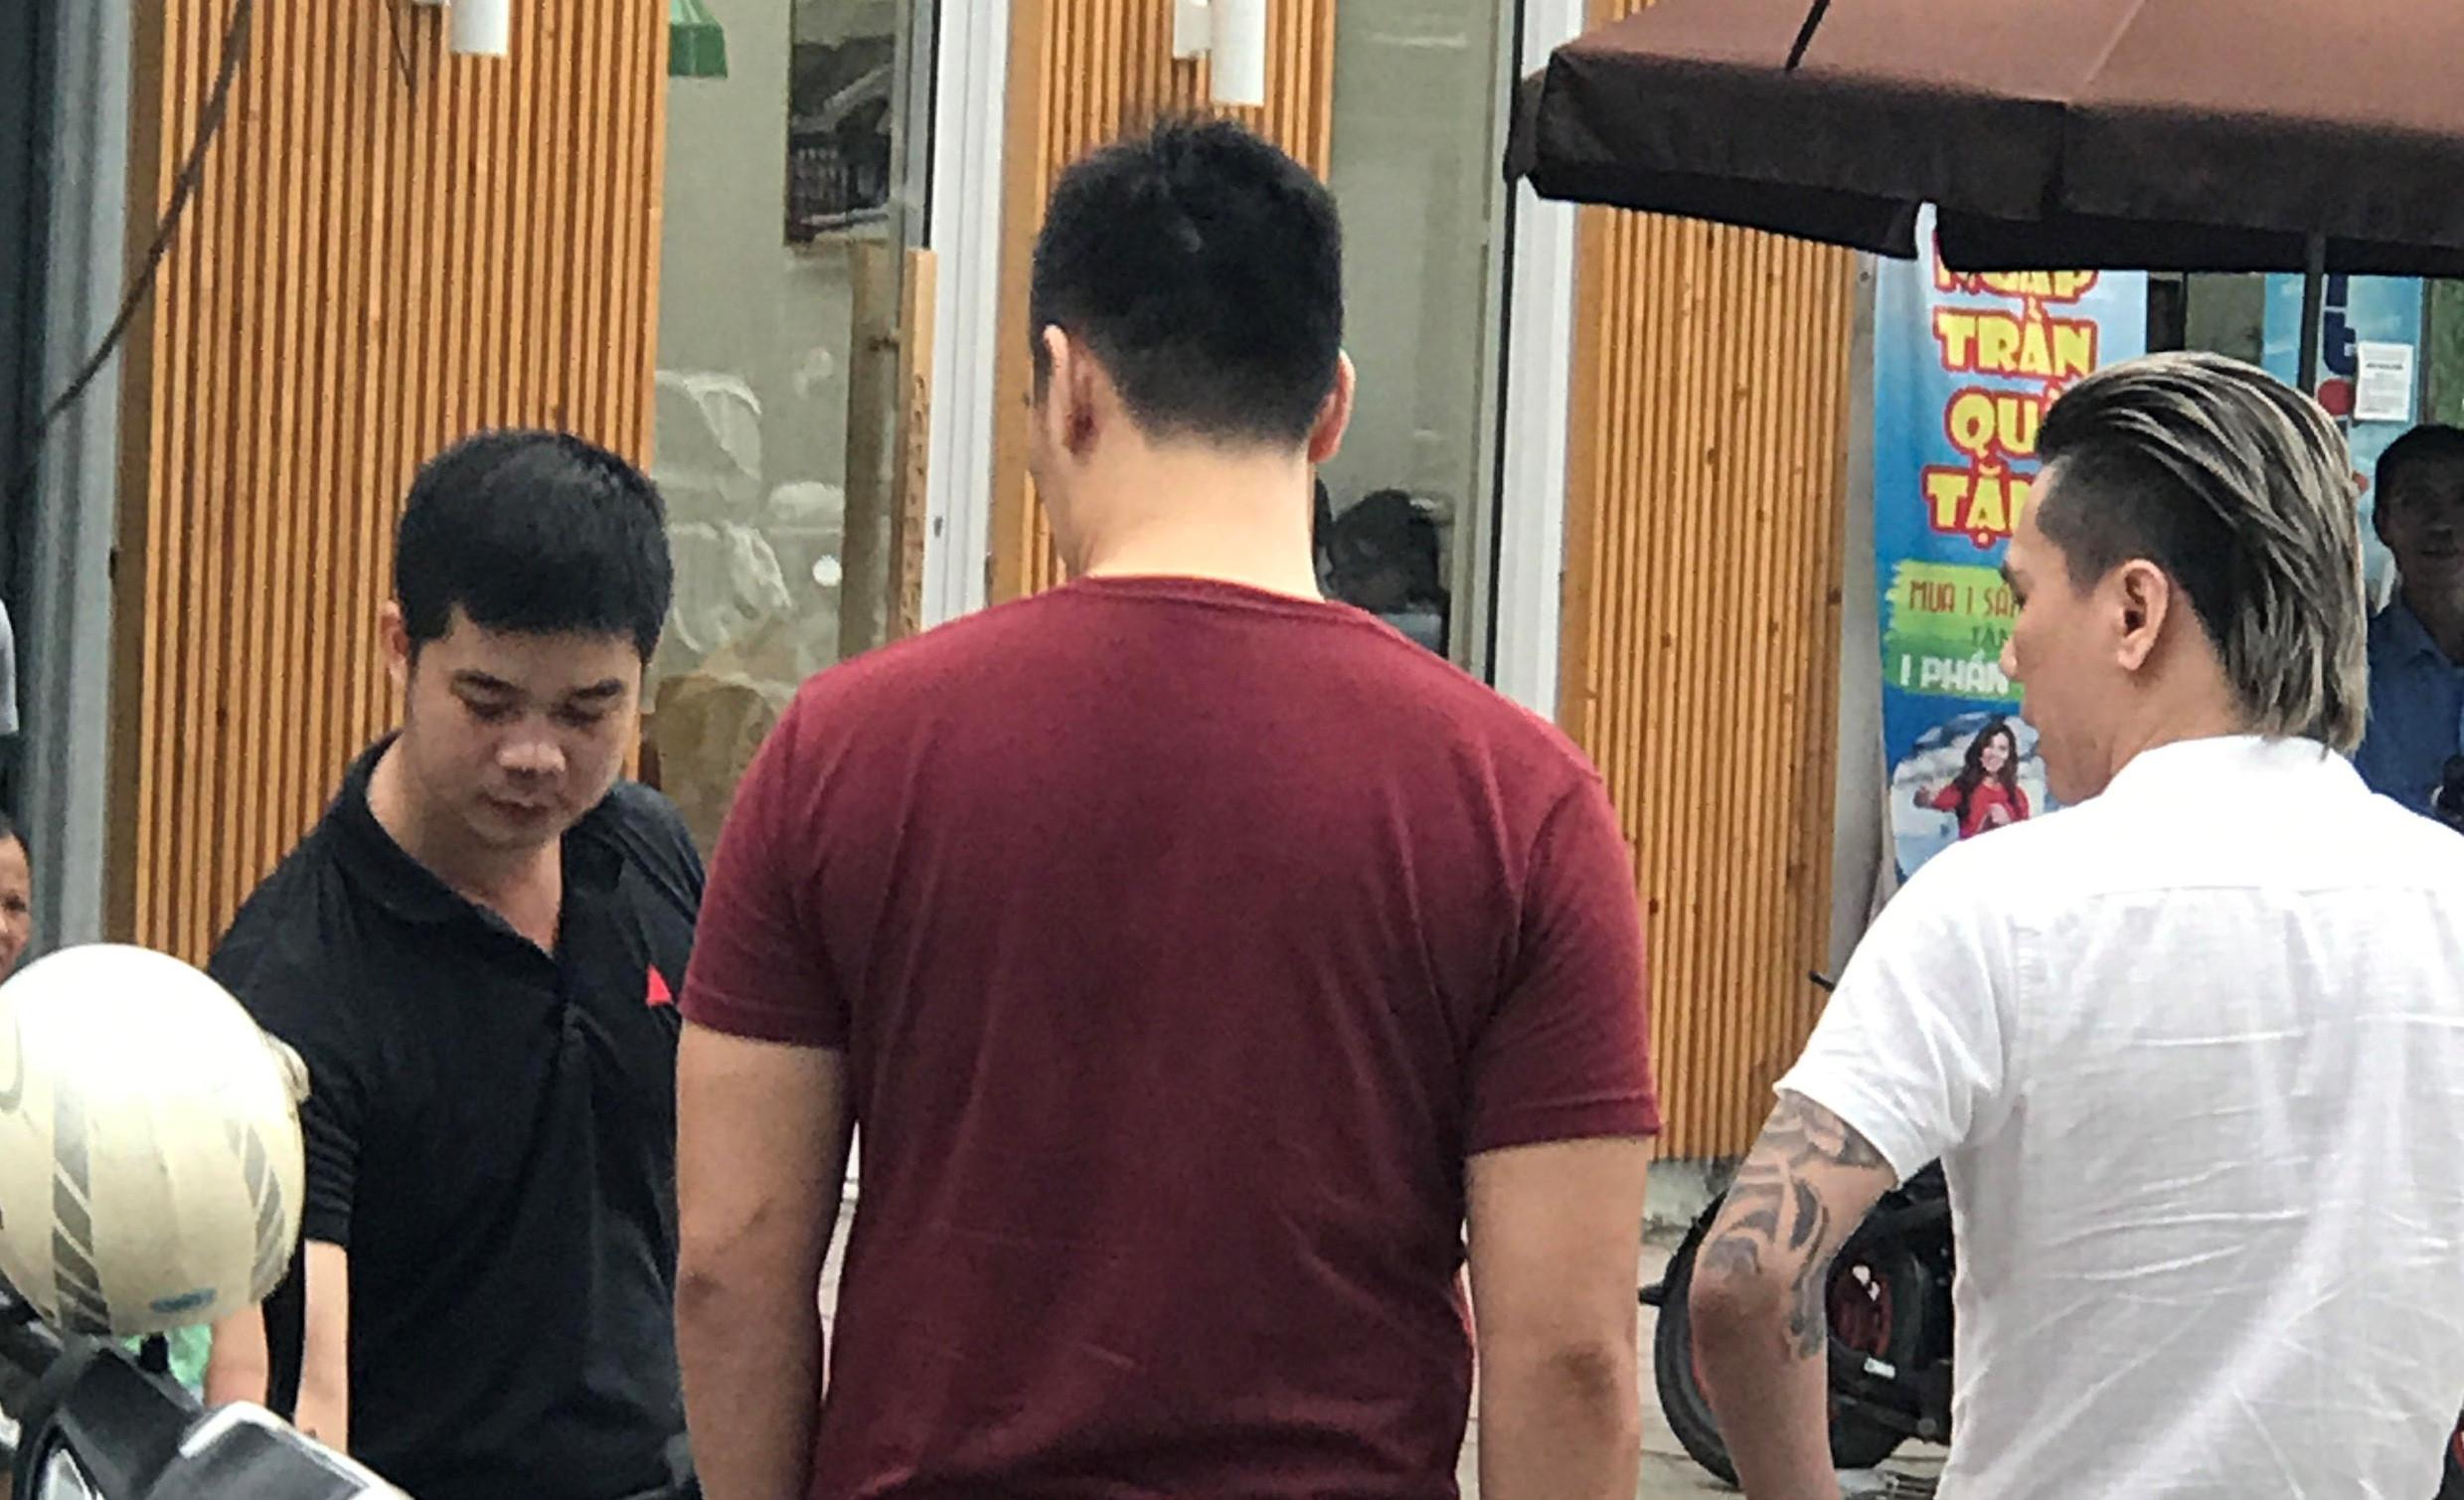 Ca sĩ hội chợ Châu Việt Cường giải thích việc đánh người trên đường